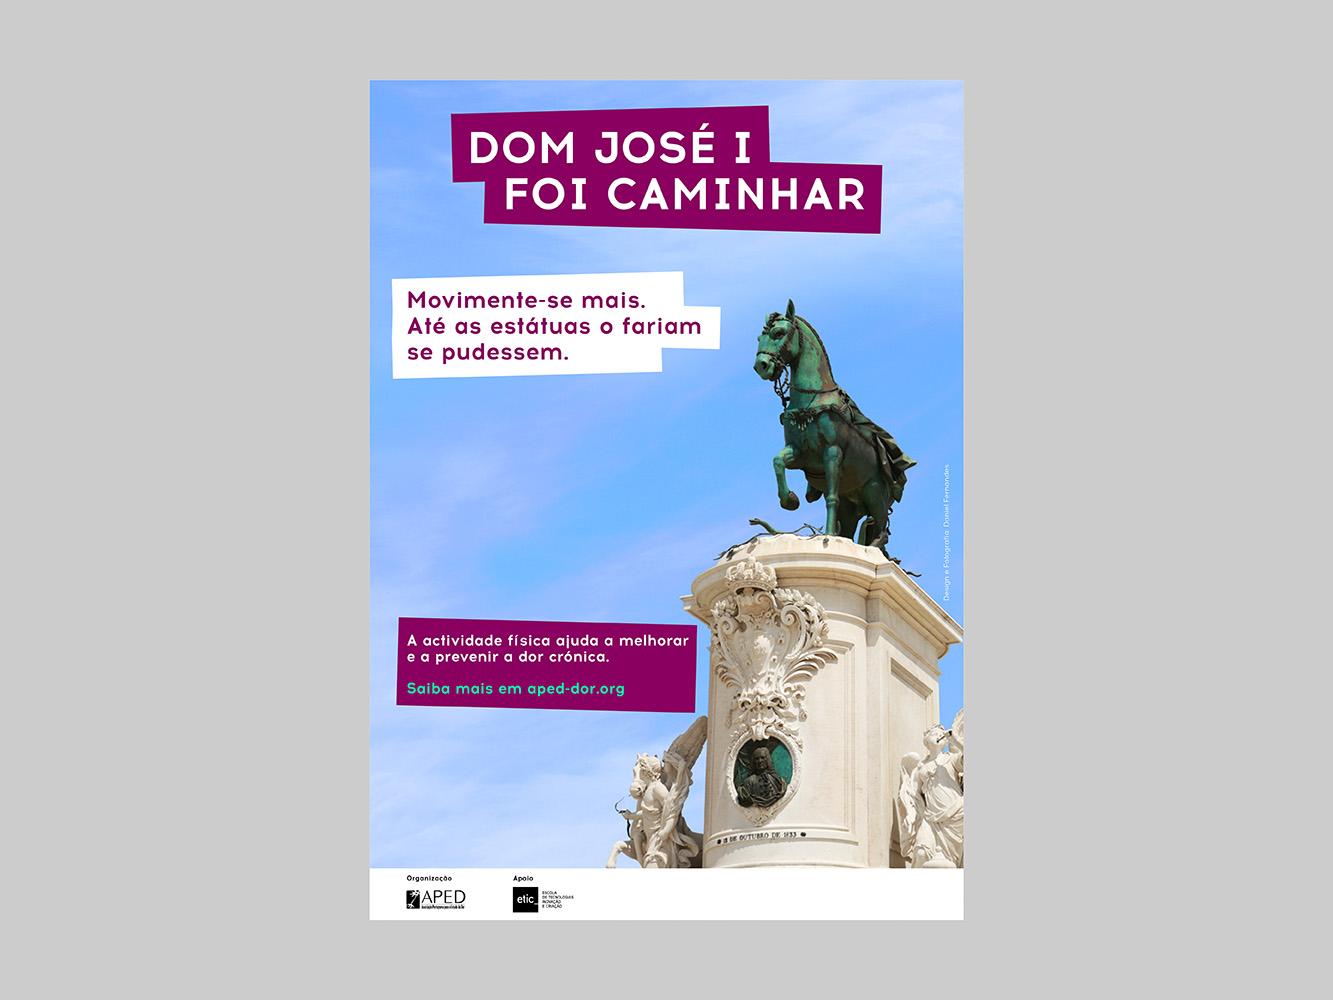 D. José I, Lisbon